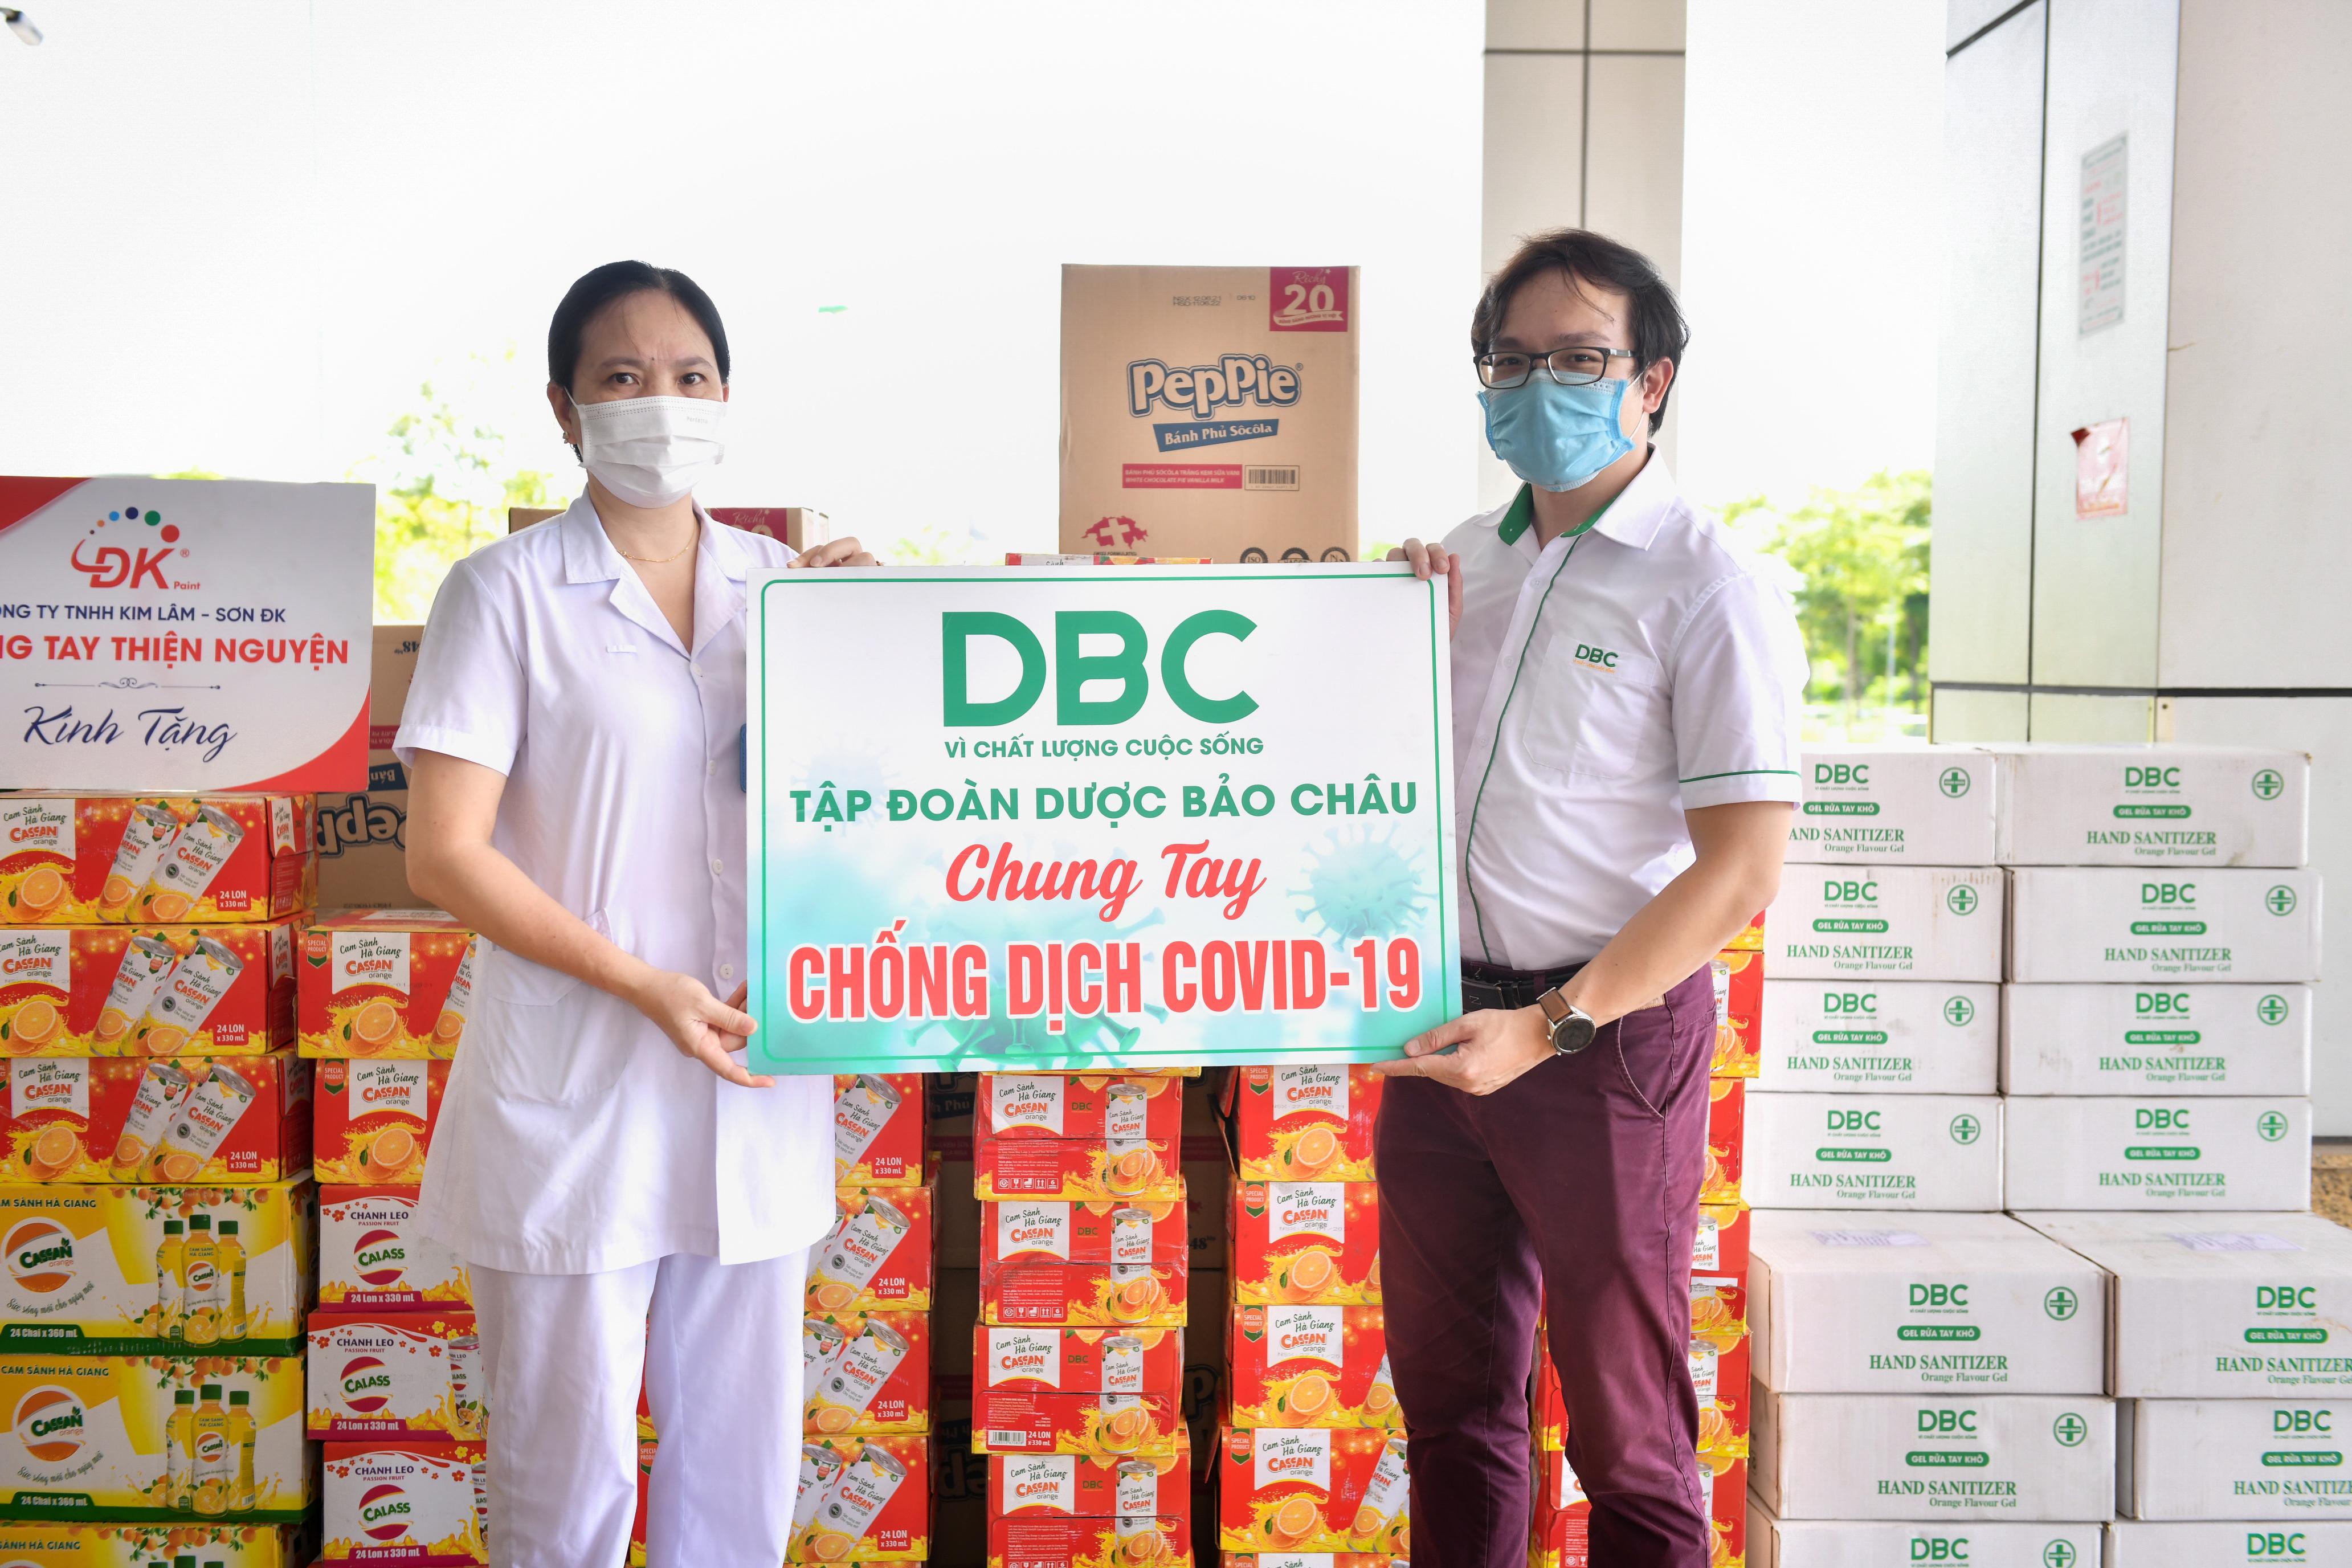 Đoàn trao tặng hàng trăm thùng nước hoa quả, nước rửa tay, các nhu yếu phẩm khác… đến Bệnh viện Bệnh Nhiệt đới Trung ương cơ sở Đông Anh